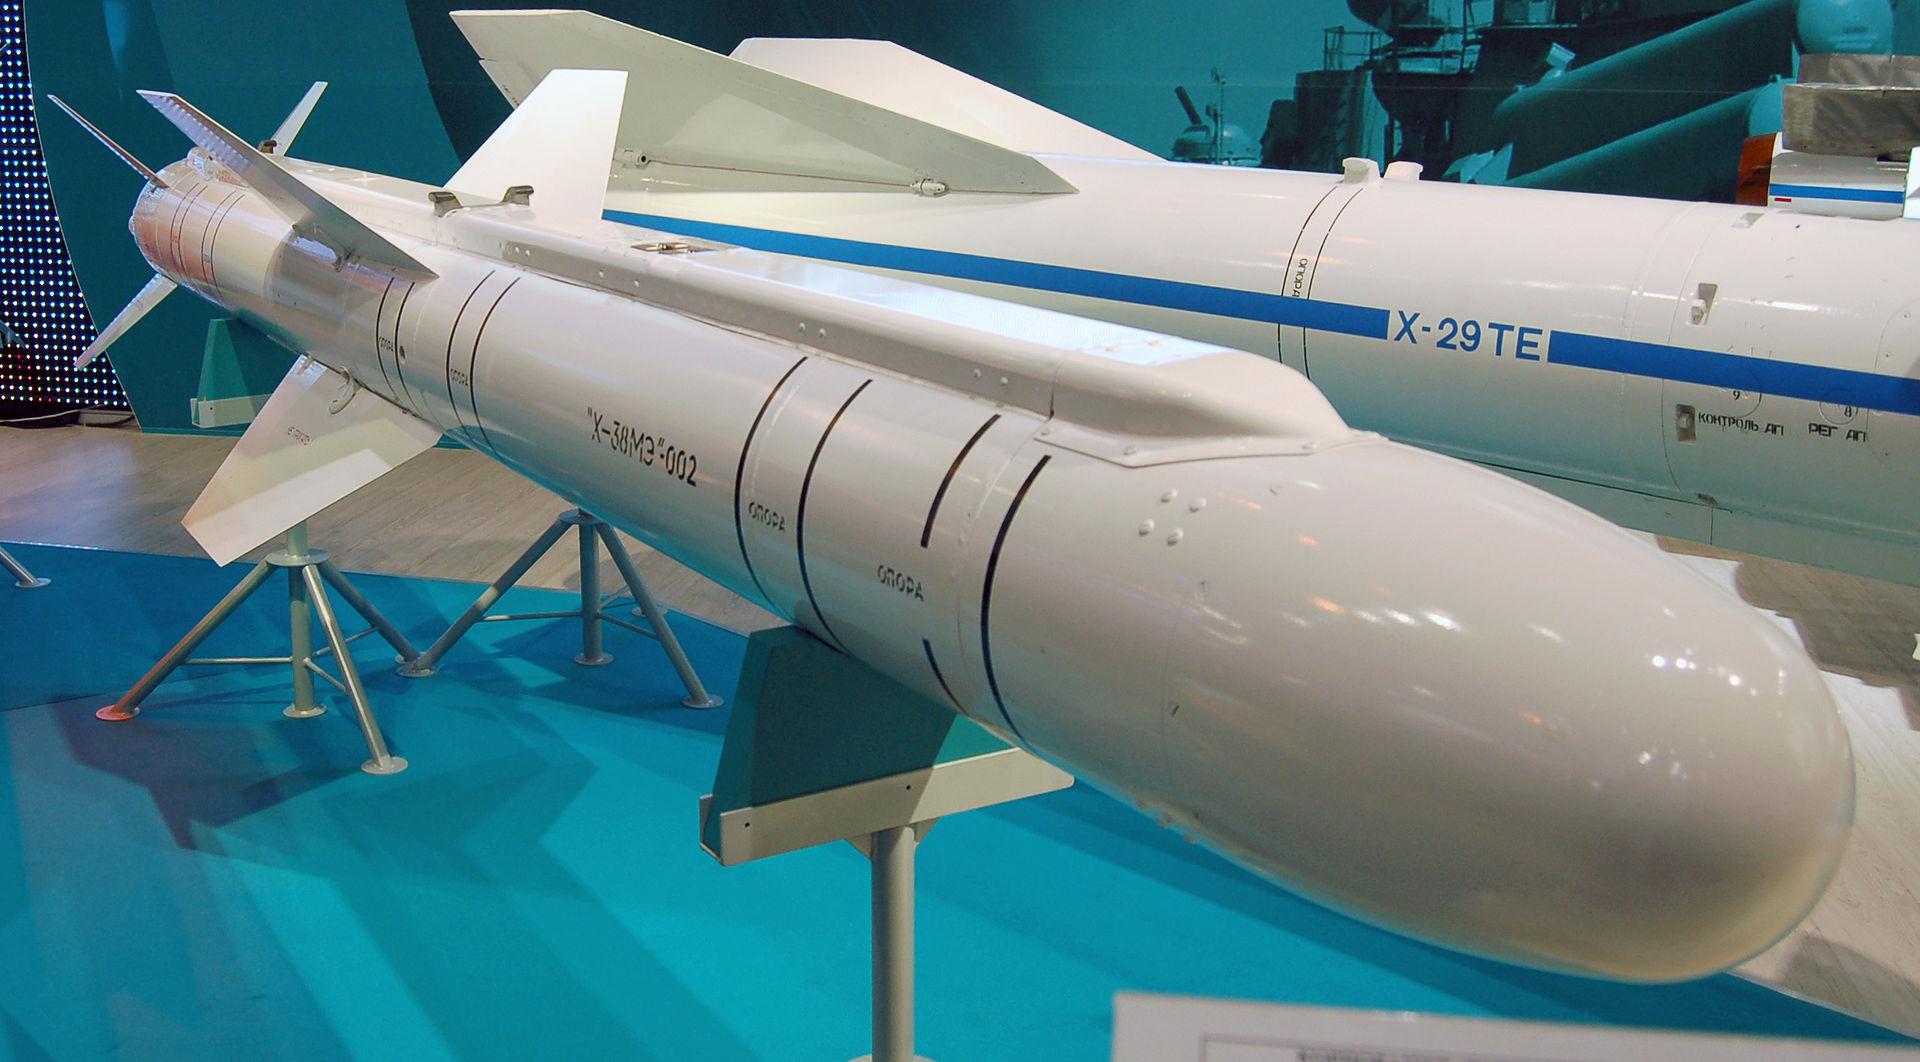 Ракета Х-38МЭ на авиасалоне МАКС-2009 (фото - Allocer, https://ru.wikipedia.org/)